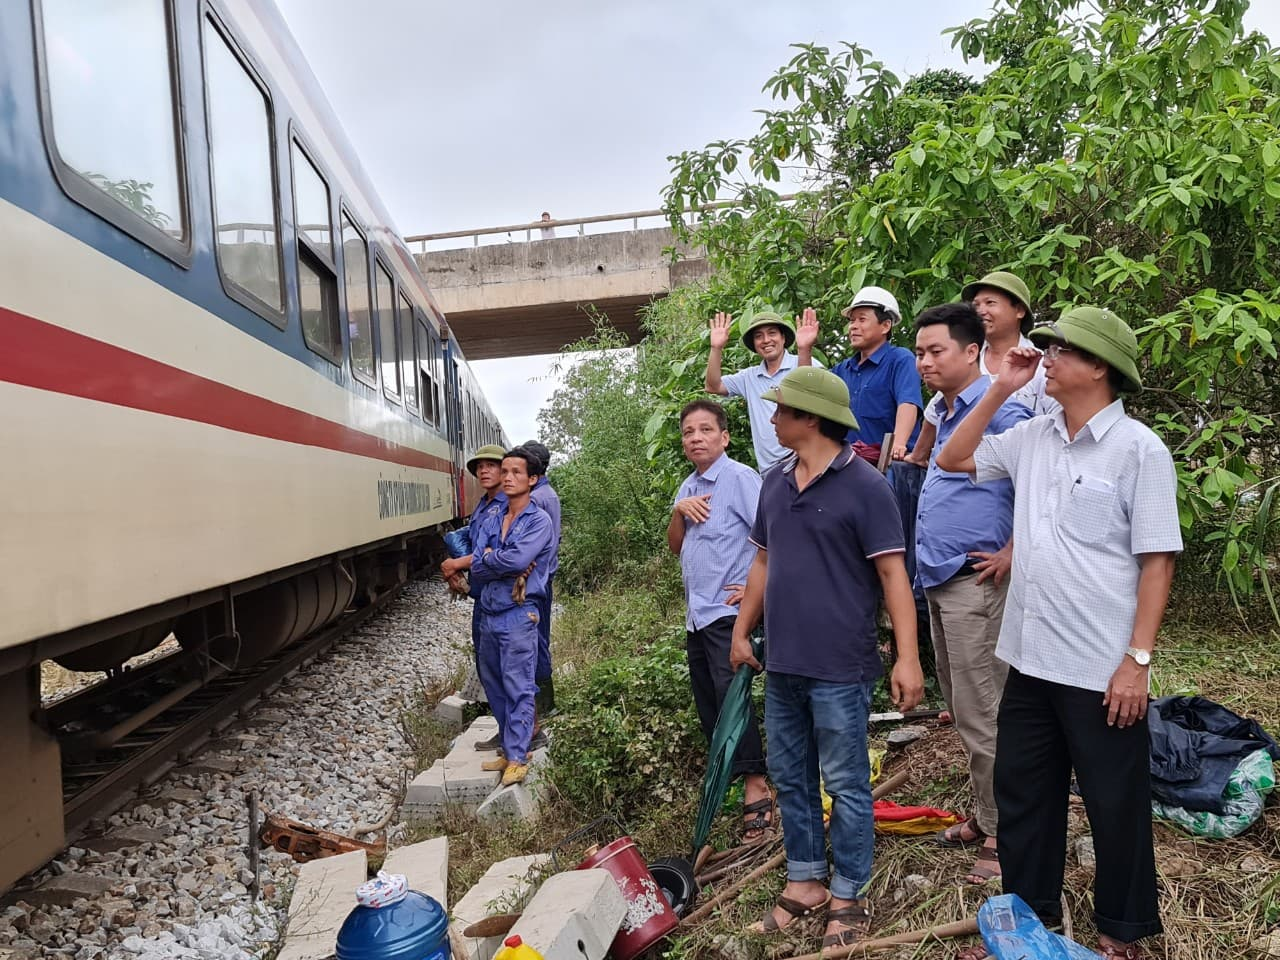 Đường sắt Bắc-Nam thông tuyến, sẵn sàng vận chuyển miễn phí hàng cứu trợ đến miền Trung.